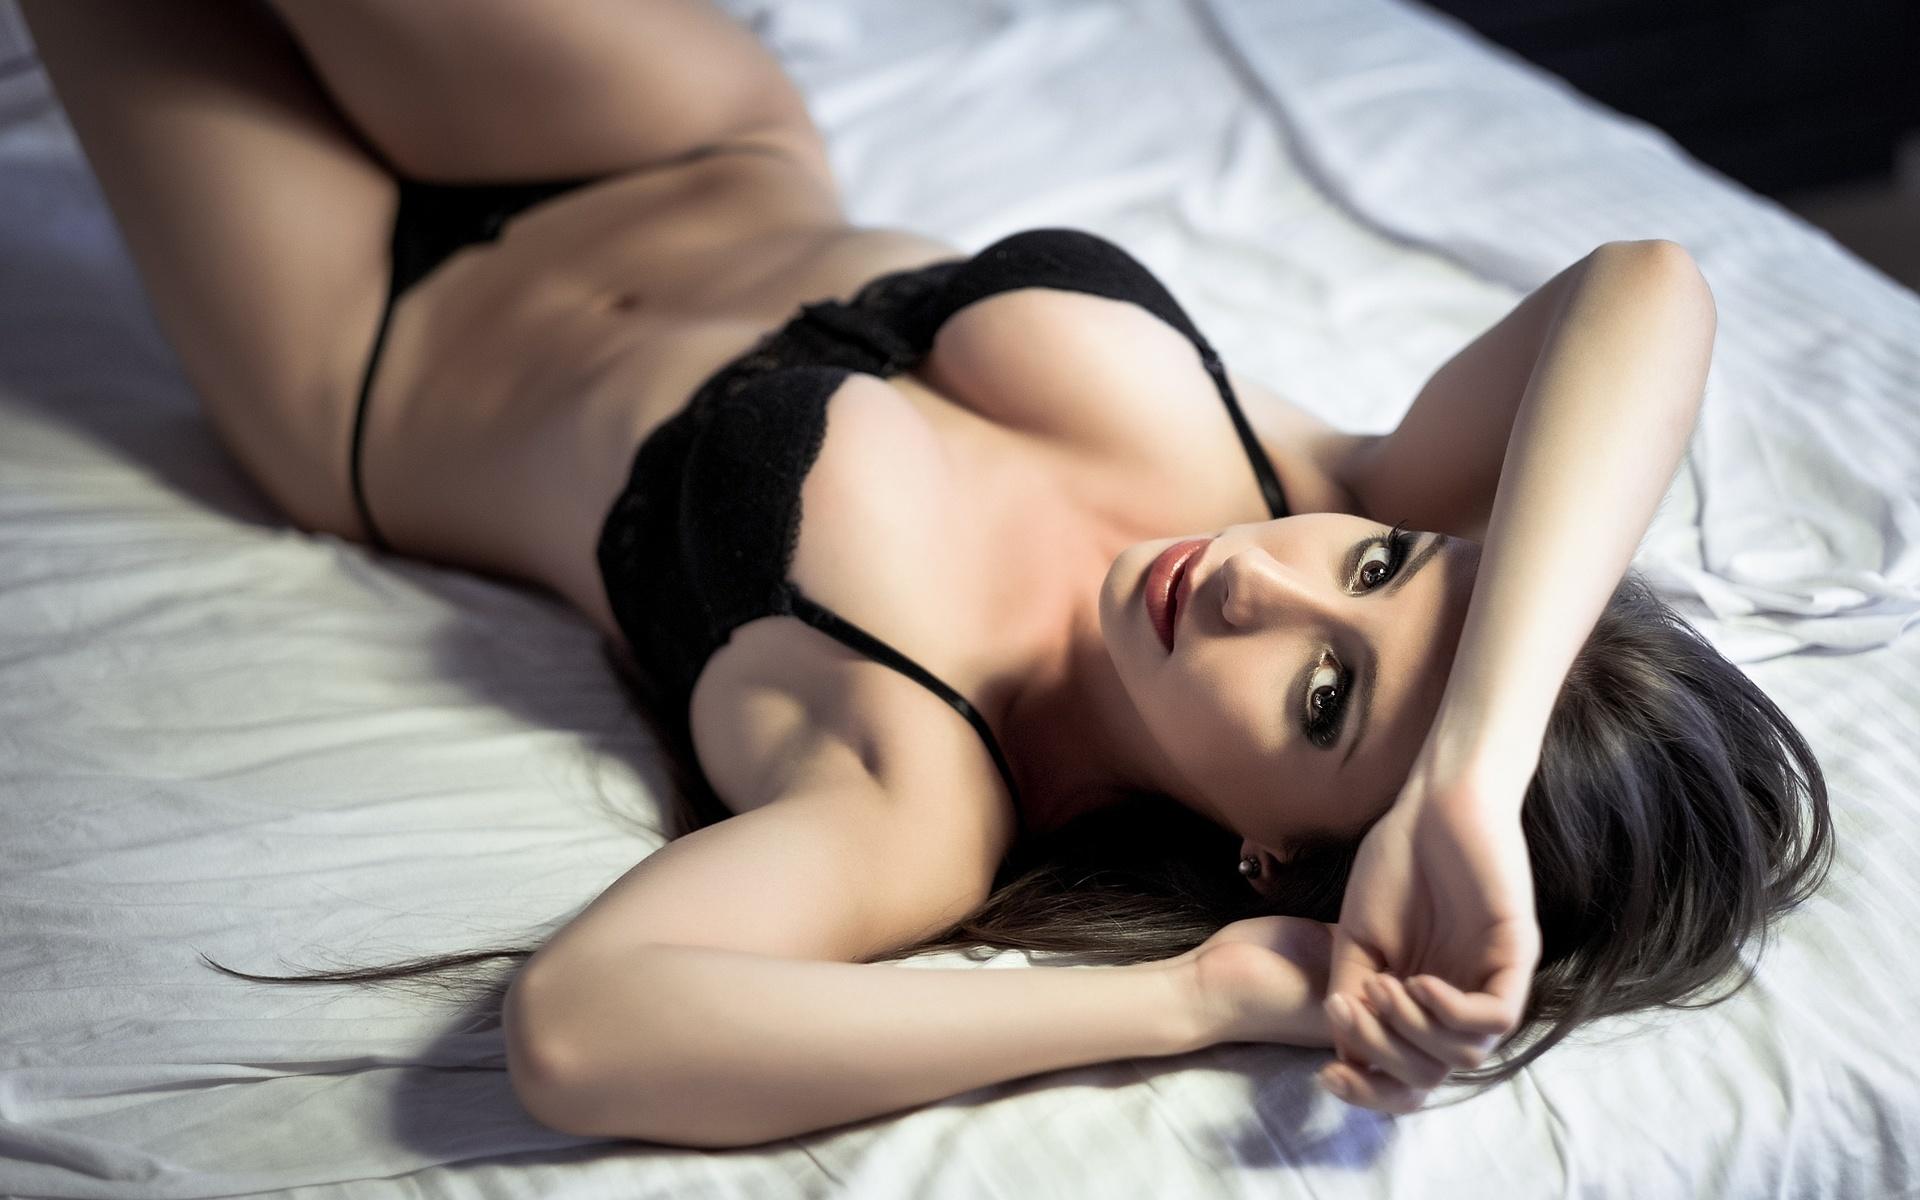 Росас порно смотреть онлайн видео девушки в нижнем белье на кровать